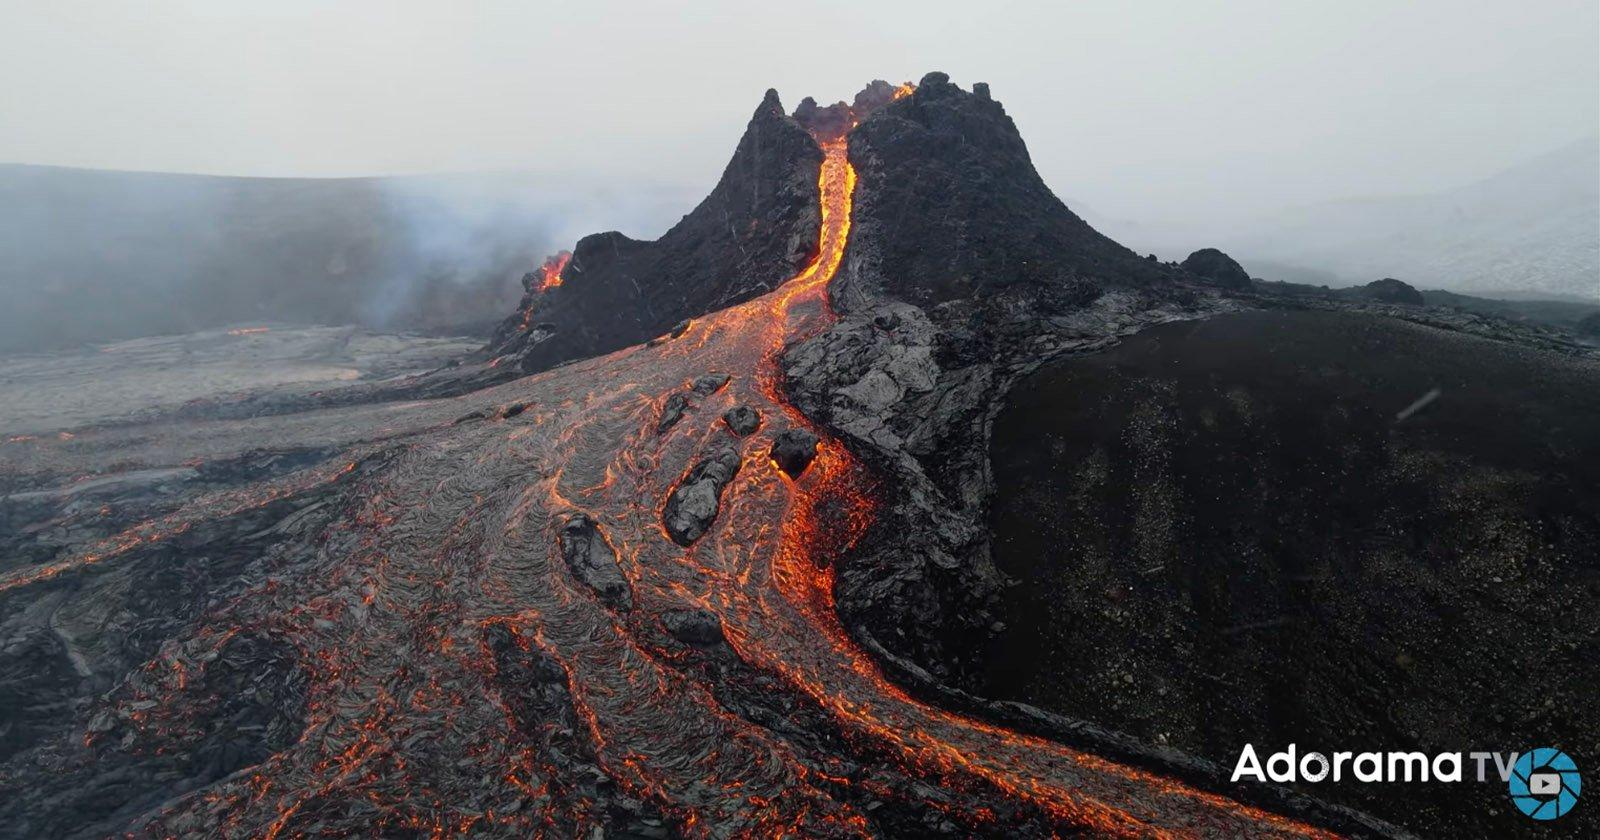 Il cortometraggio dell'eruzione islandese lo vede come un'esperienza umana collettiva